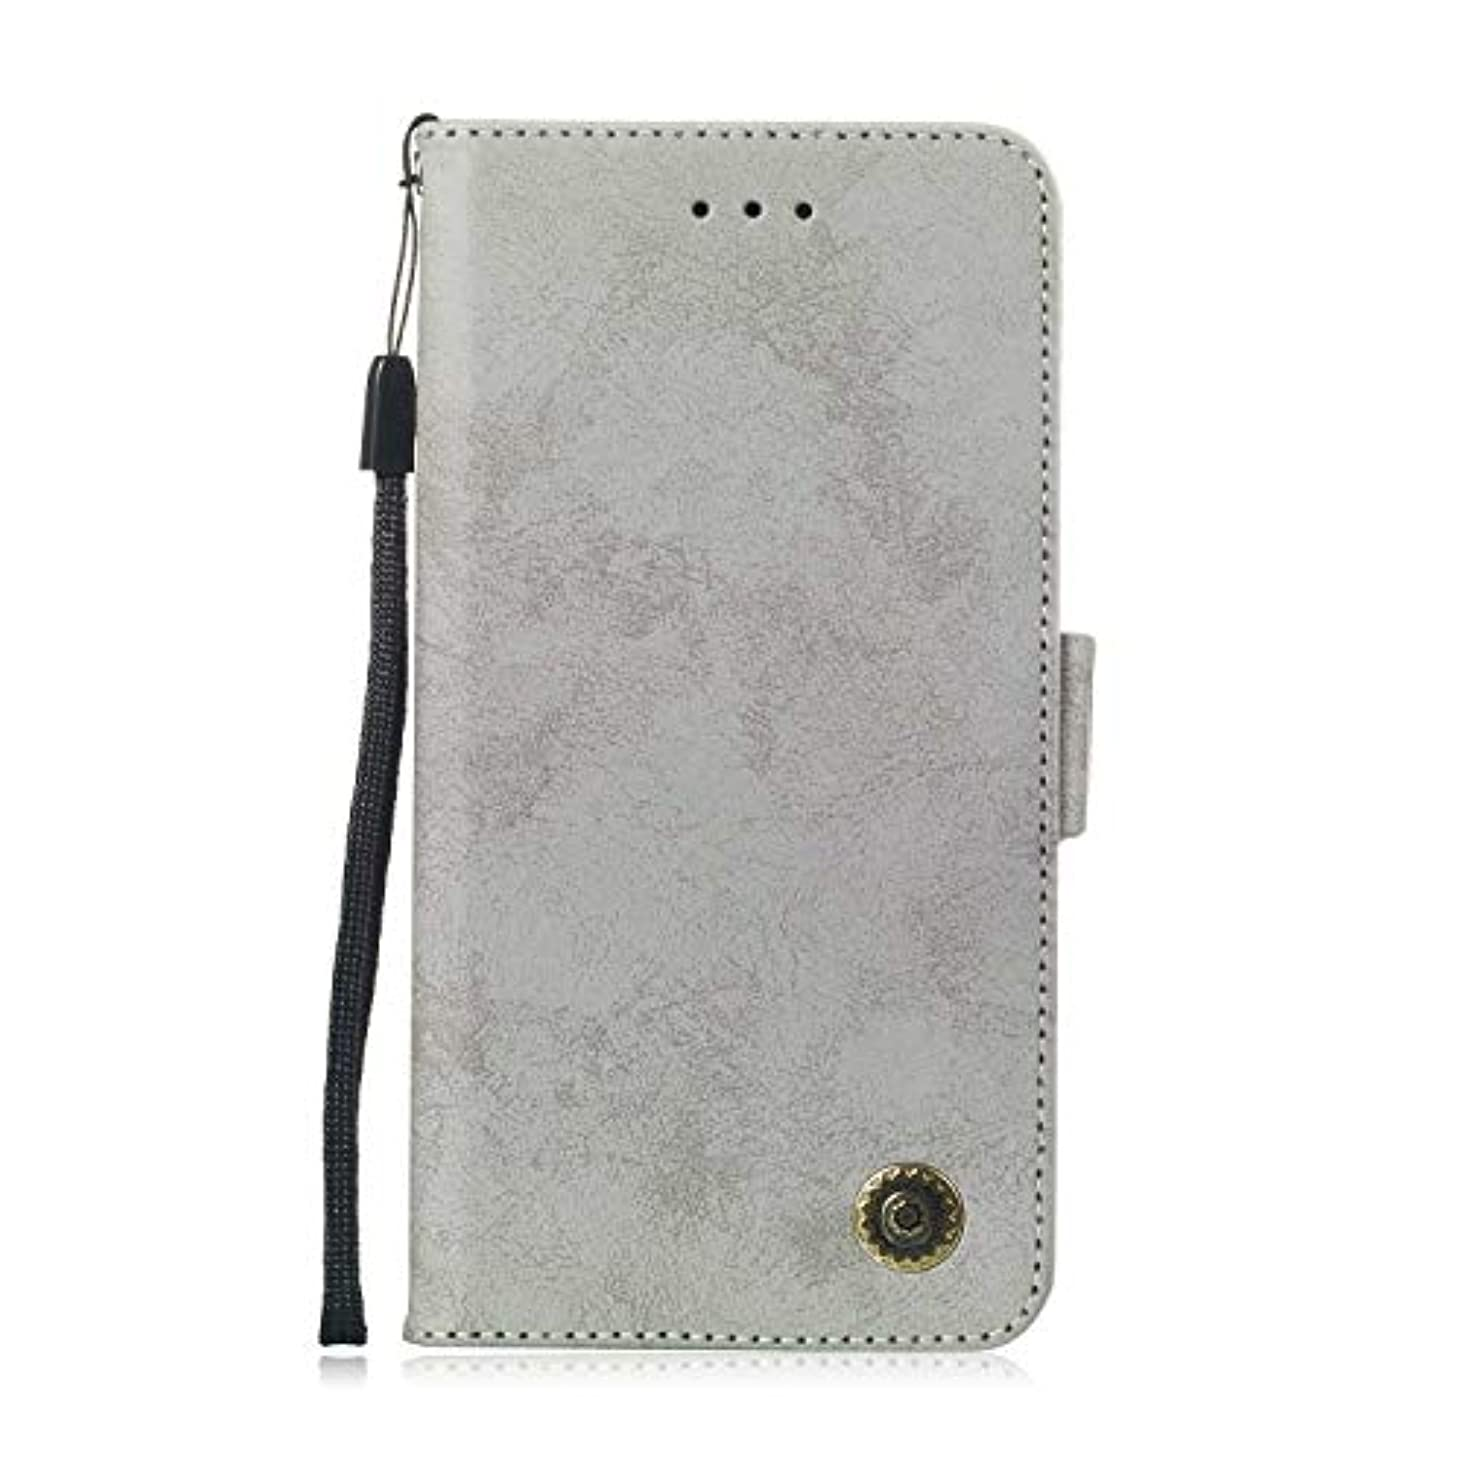 決済ローマ人アンビエントZeebox® Huawei Mate 20 Lite 手帳型ケース Huawei Mate 20 Lite 手帳型カバー 財布型 合皮PUレザー マグネット式 保護ケース カード収納 スタンド 機能 (グレー #5)